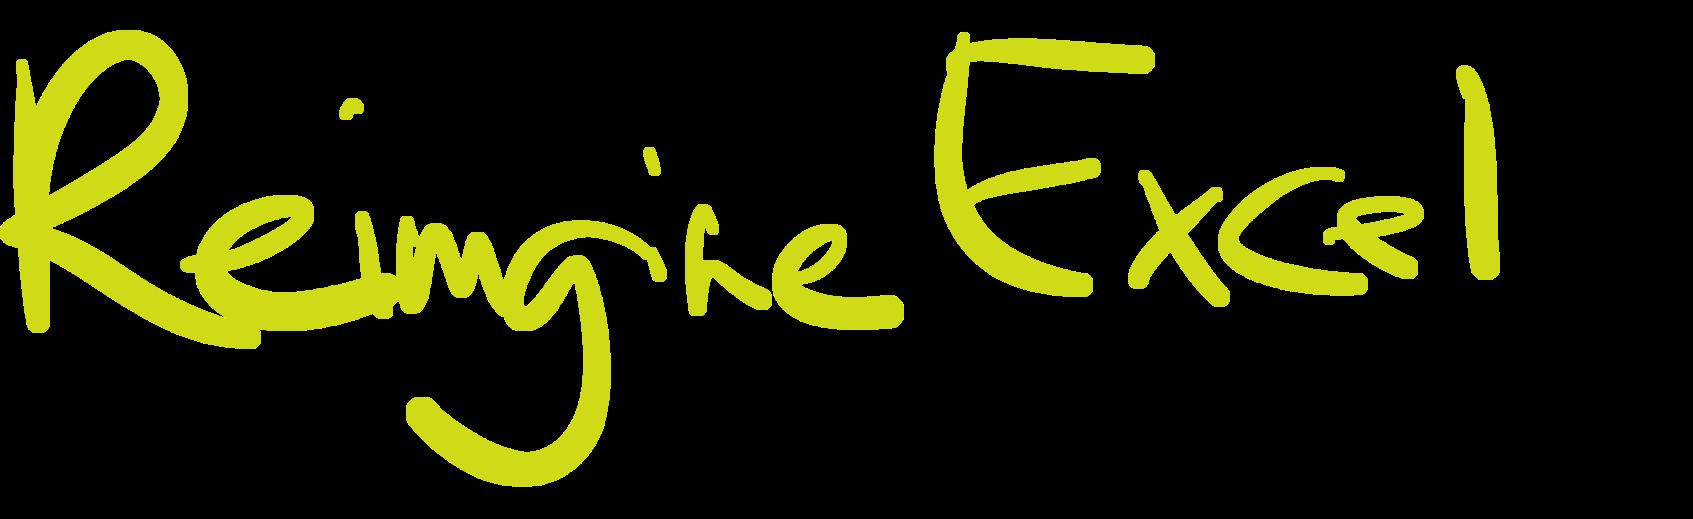 Reimagine Excel